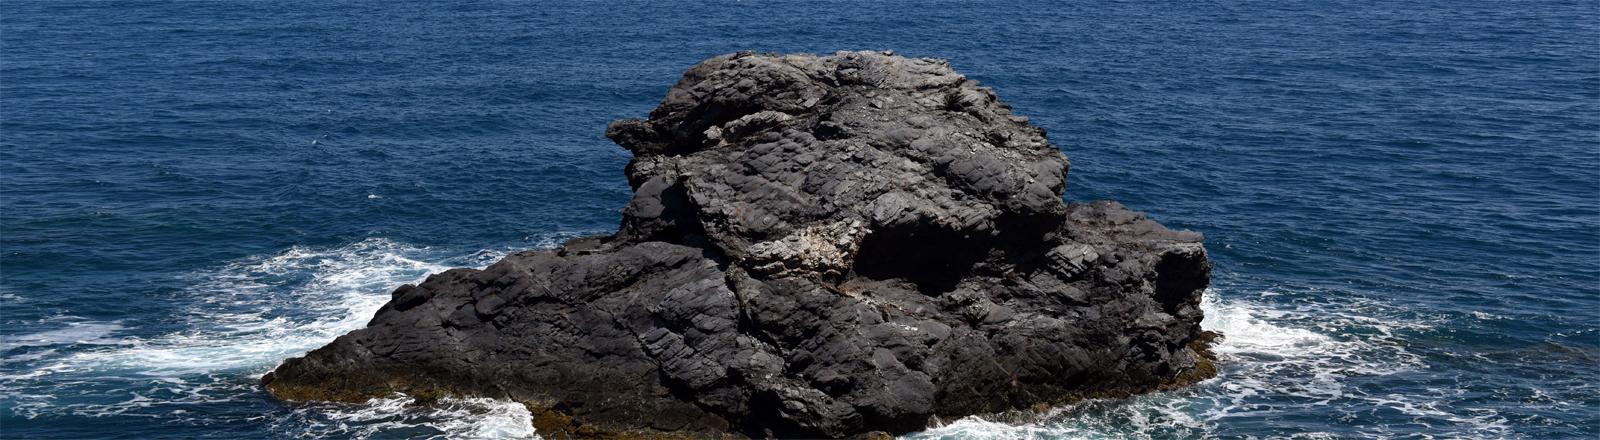 Ein mächtiger Felsen am Cabo de Palos, ein Kab bei La Manga del Mar Menor (Costa Calida) im Südosten von Spanien. Es liegt zwischen Cartagena (Region Murcia) und San Pedro del Pinatar (Region Murcia) (Foto vom 30.04.2016)